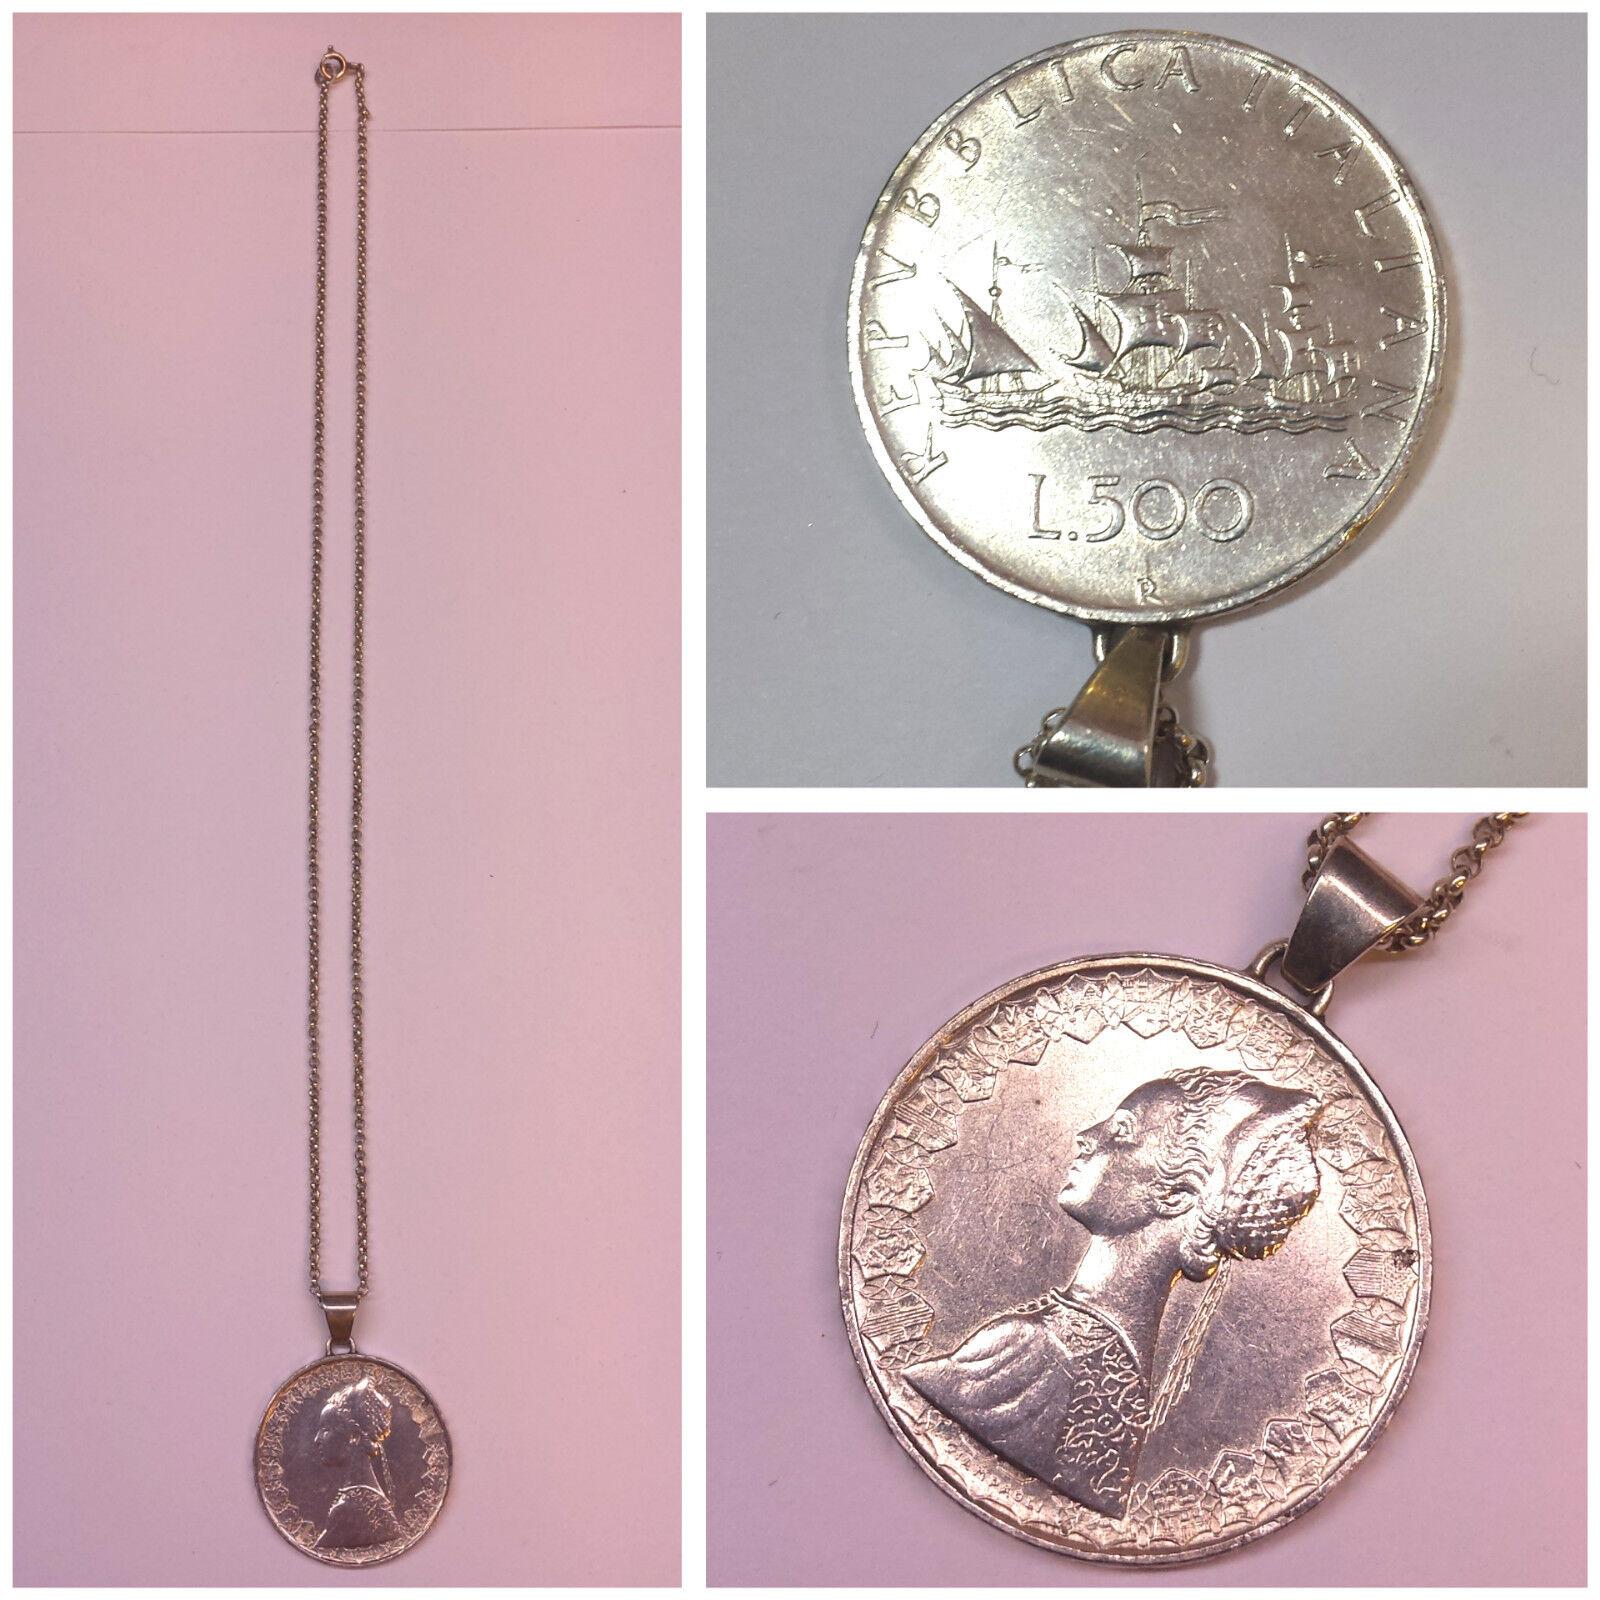 Moneta COMMEMORATIVA 835 egli argentoo catena ciondolo moneta 500 500 500 LIRE 1959 REPUBBLICA ITALIANA 7c1088